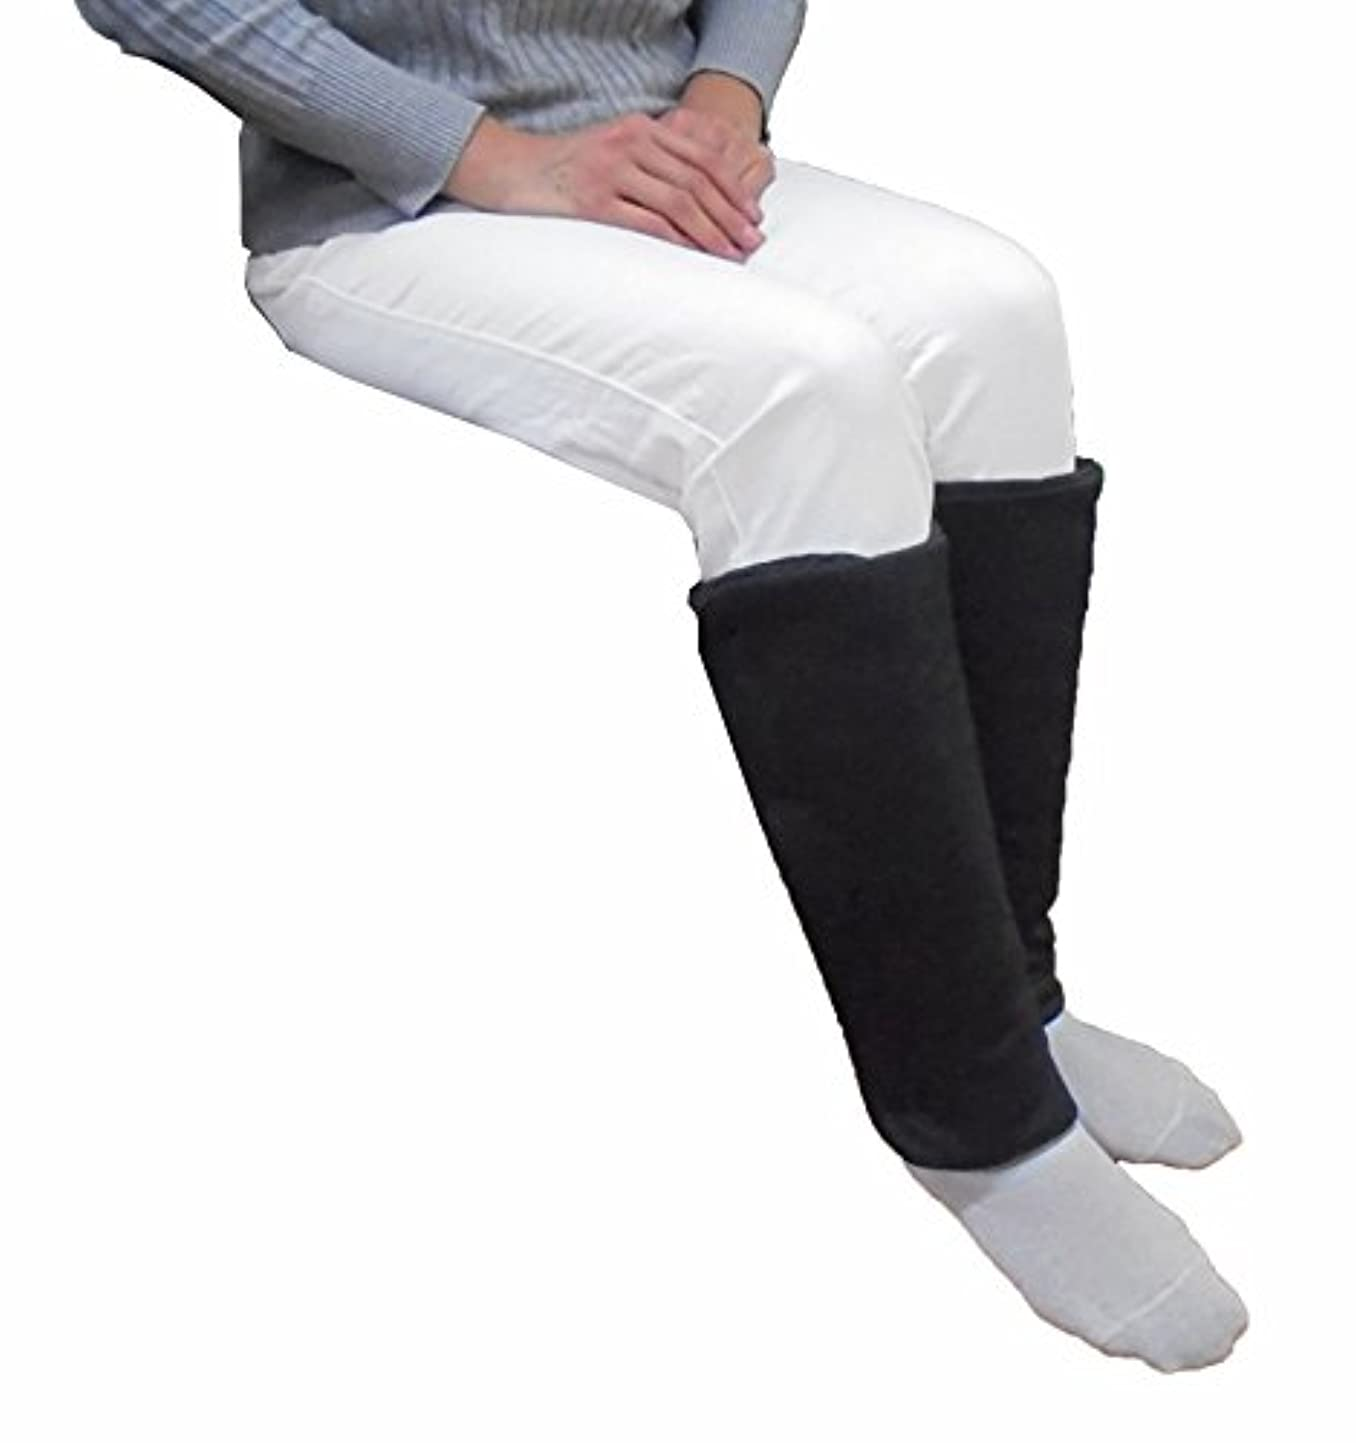 小切手痛みテンション【Tetote】遠赤レッグウォーマーFit 左右セット ブラック [遠赤外線+軽量保温素材でほっこりぬくぬく&着脱?調整らくらく]